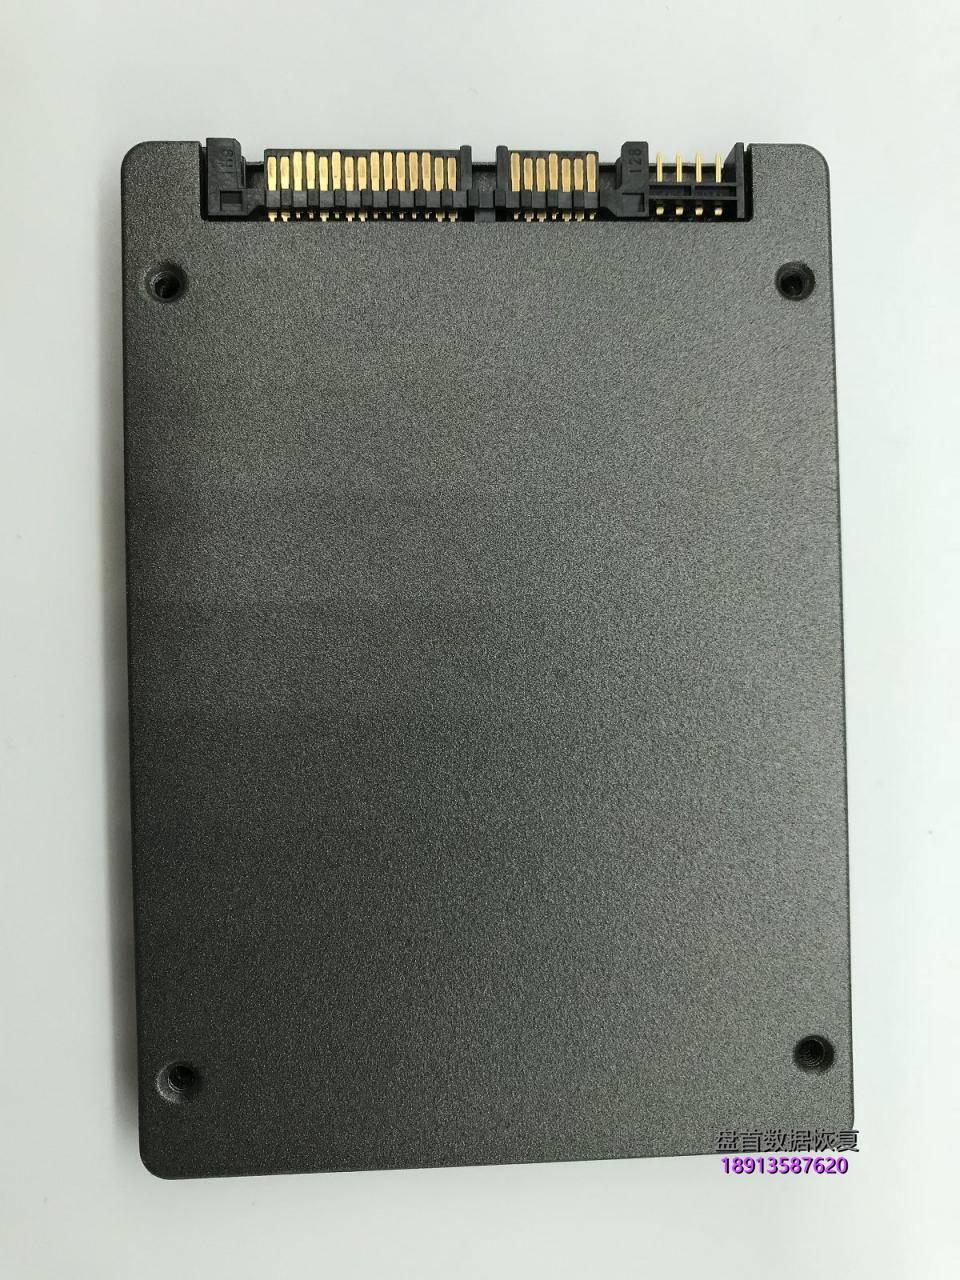 完美恢复金士顿v200苹果电脑无法识别的ssd固态硬盘数 完美恢复金士顿V200苹果电脑无法识别的SSD固态硬盘数据恢复成功